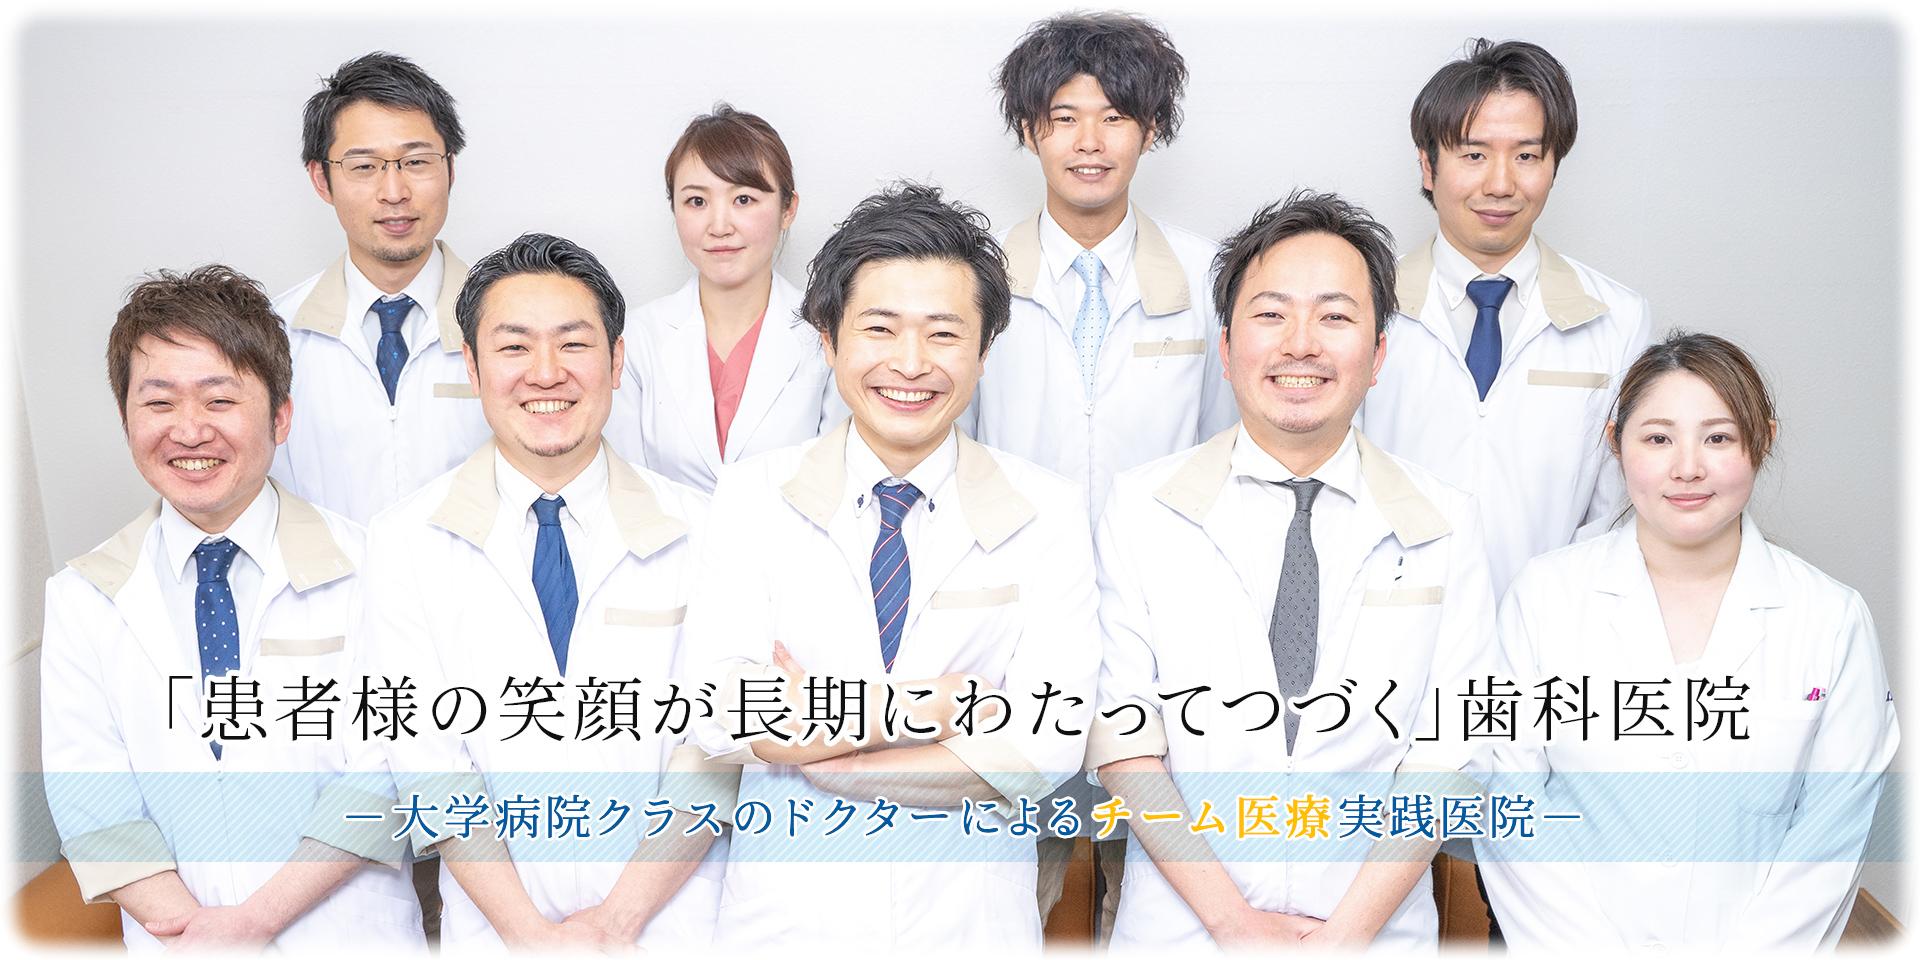 「患者様の笑顔が長期にわたってつづく」歯科医院 -大学病院クラスのドクターによるチーム医療実践医院-